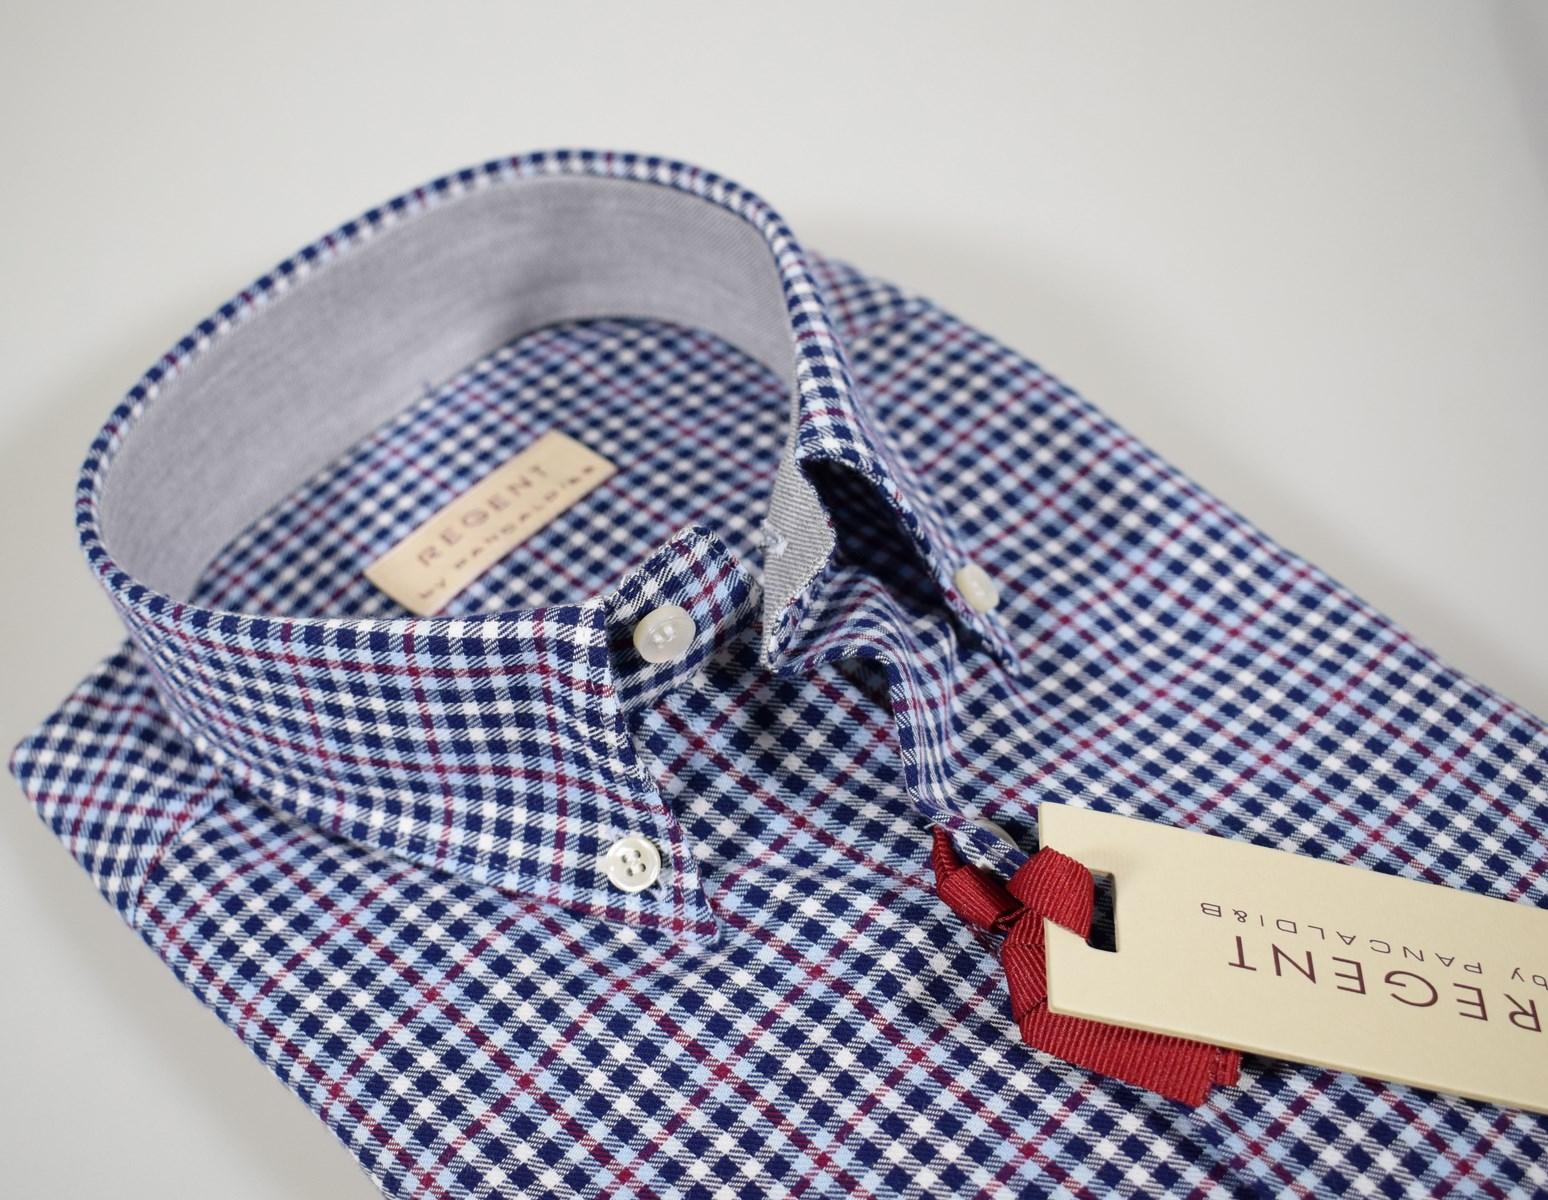 online store d633a 9d4da Dettagli su Camicia Regent by Pancaldi Button Down Regular Fit in flanella  rasata a quadri